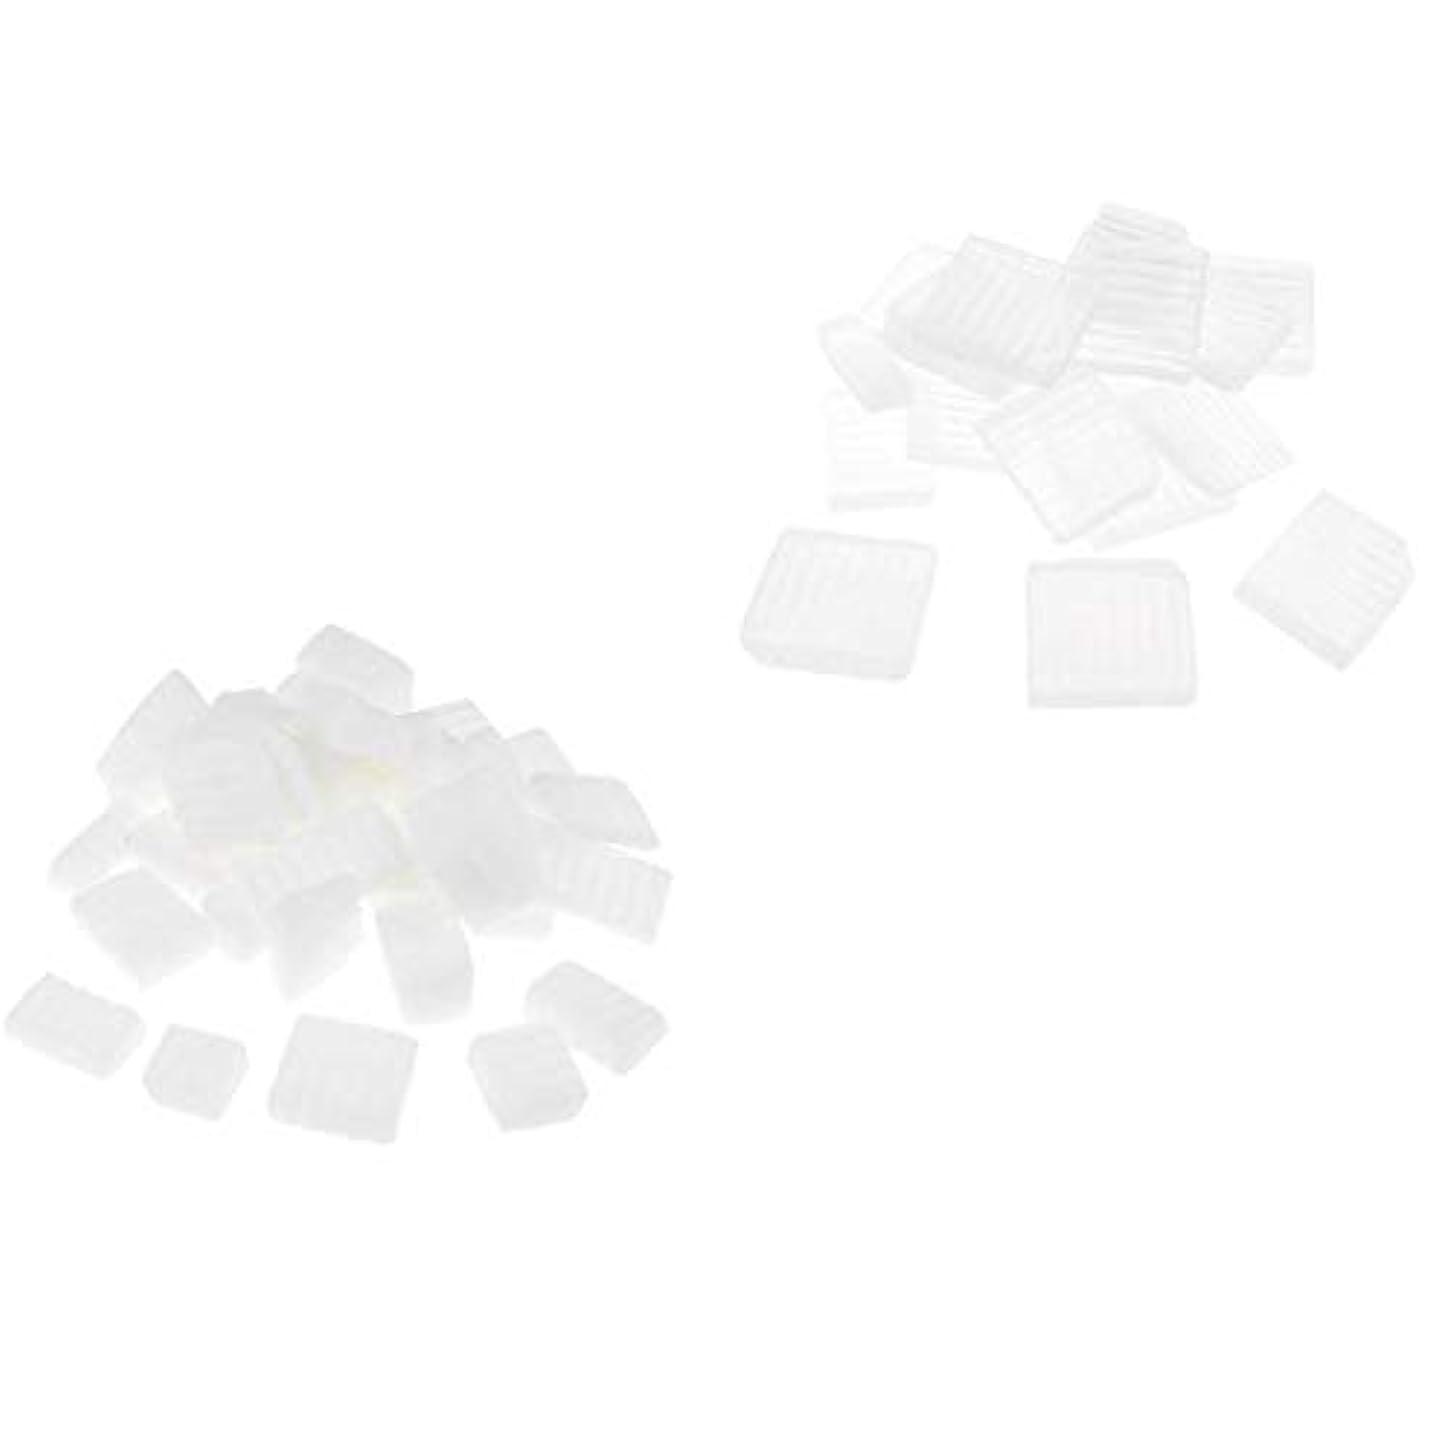 メイン名門スプレーD DOLITY 固形せっけん 2KG ホワイトクリア DIY工芸 手作り バス用品 石鹸製造 創造力 2種 混合